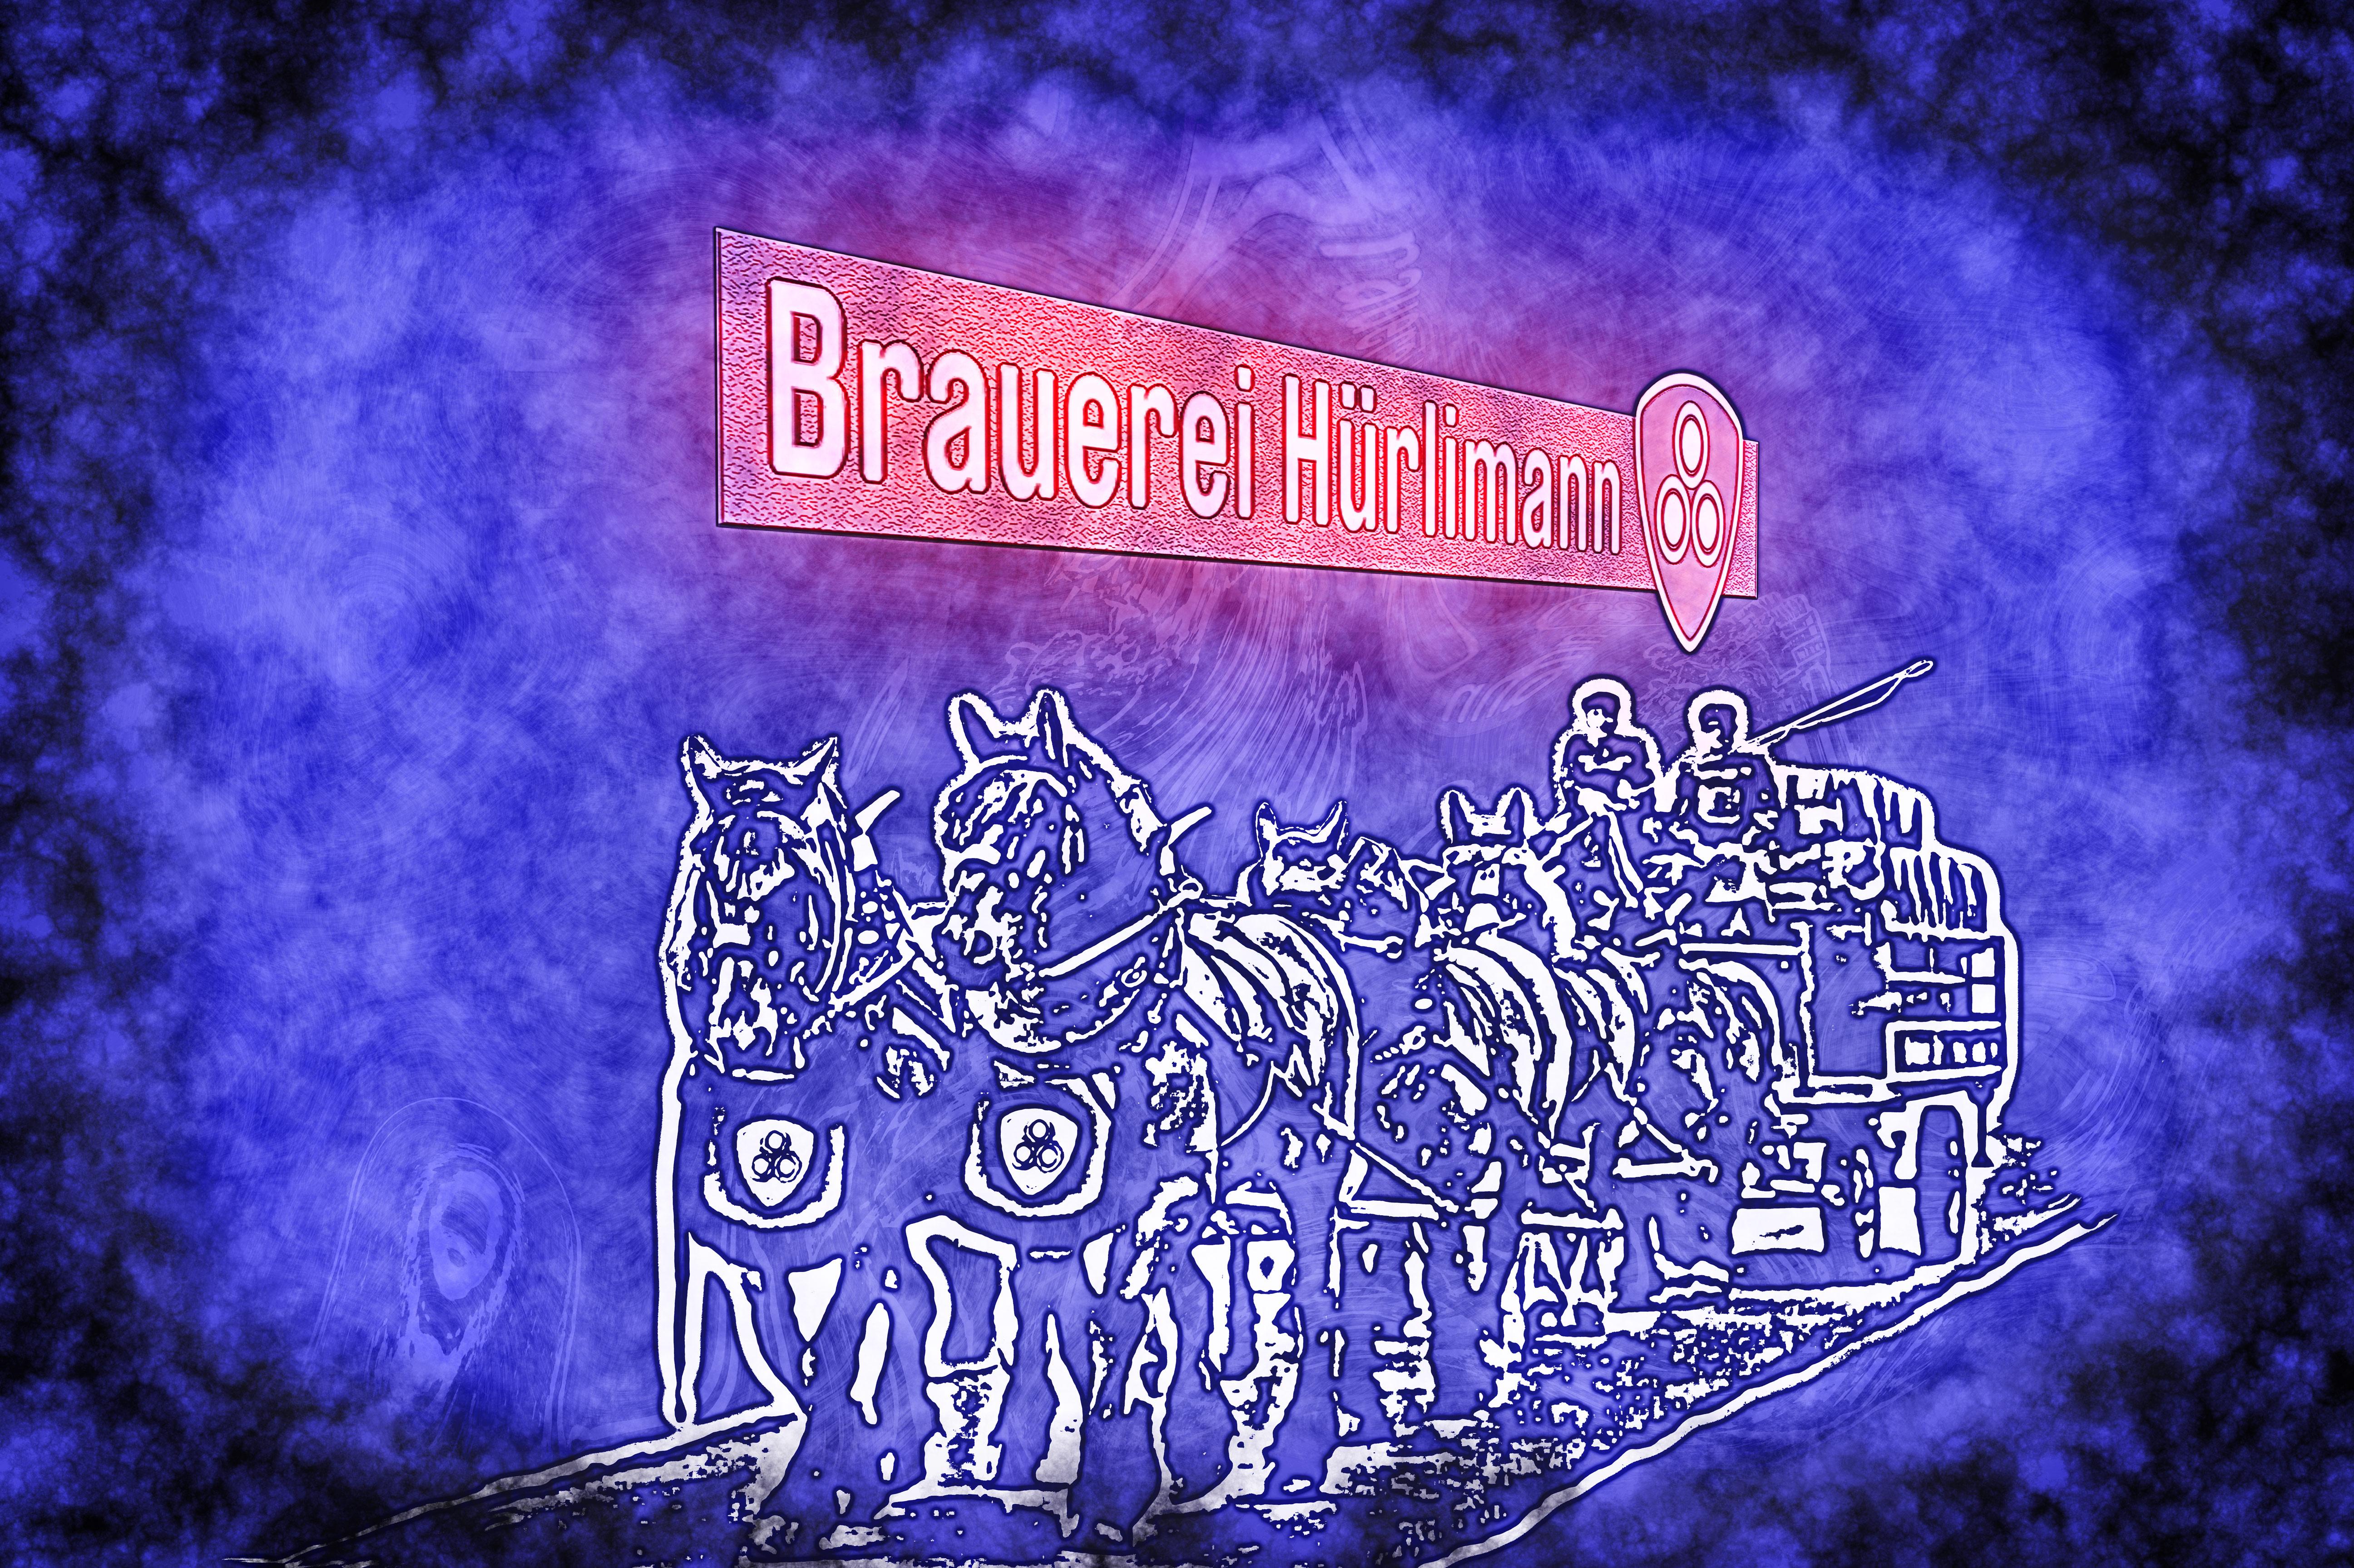 Hürlimann Bier, Hürlimann Areal, Züri Bier, Bier Zürich, Schweizer Bier,